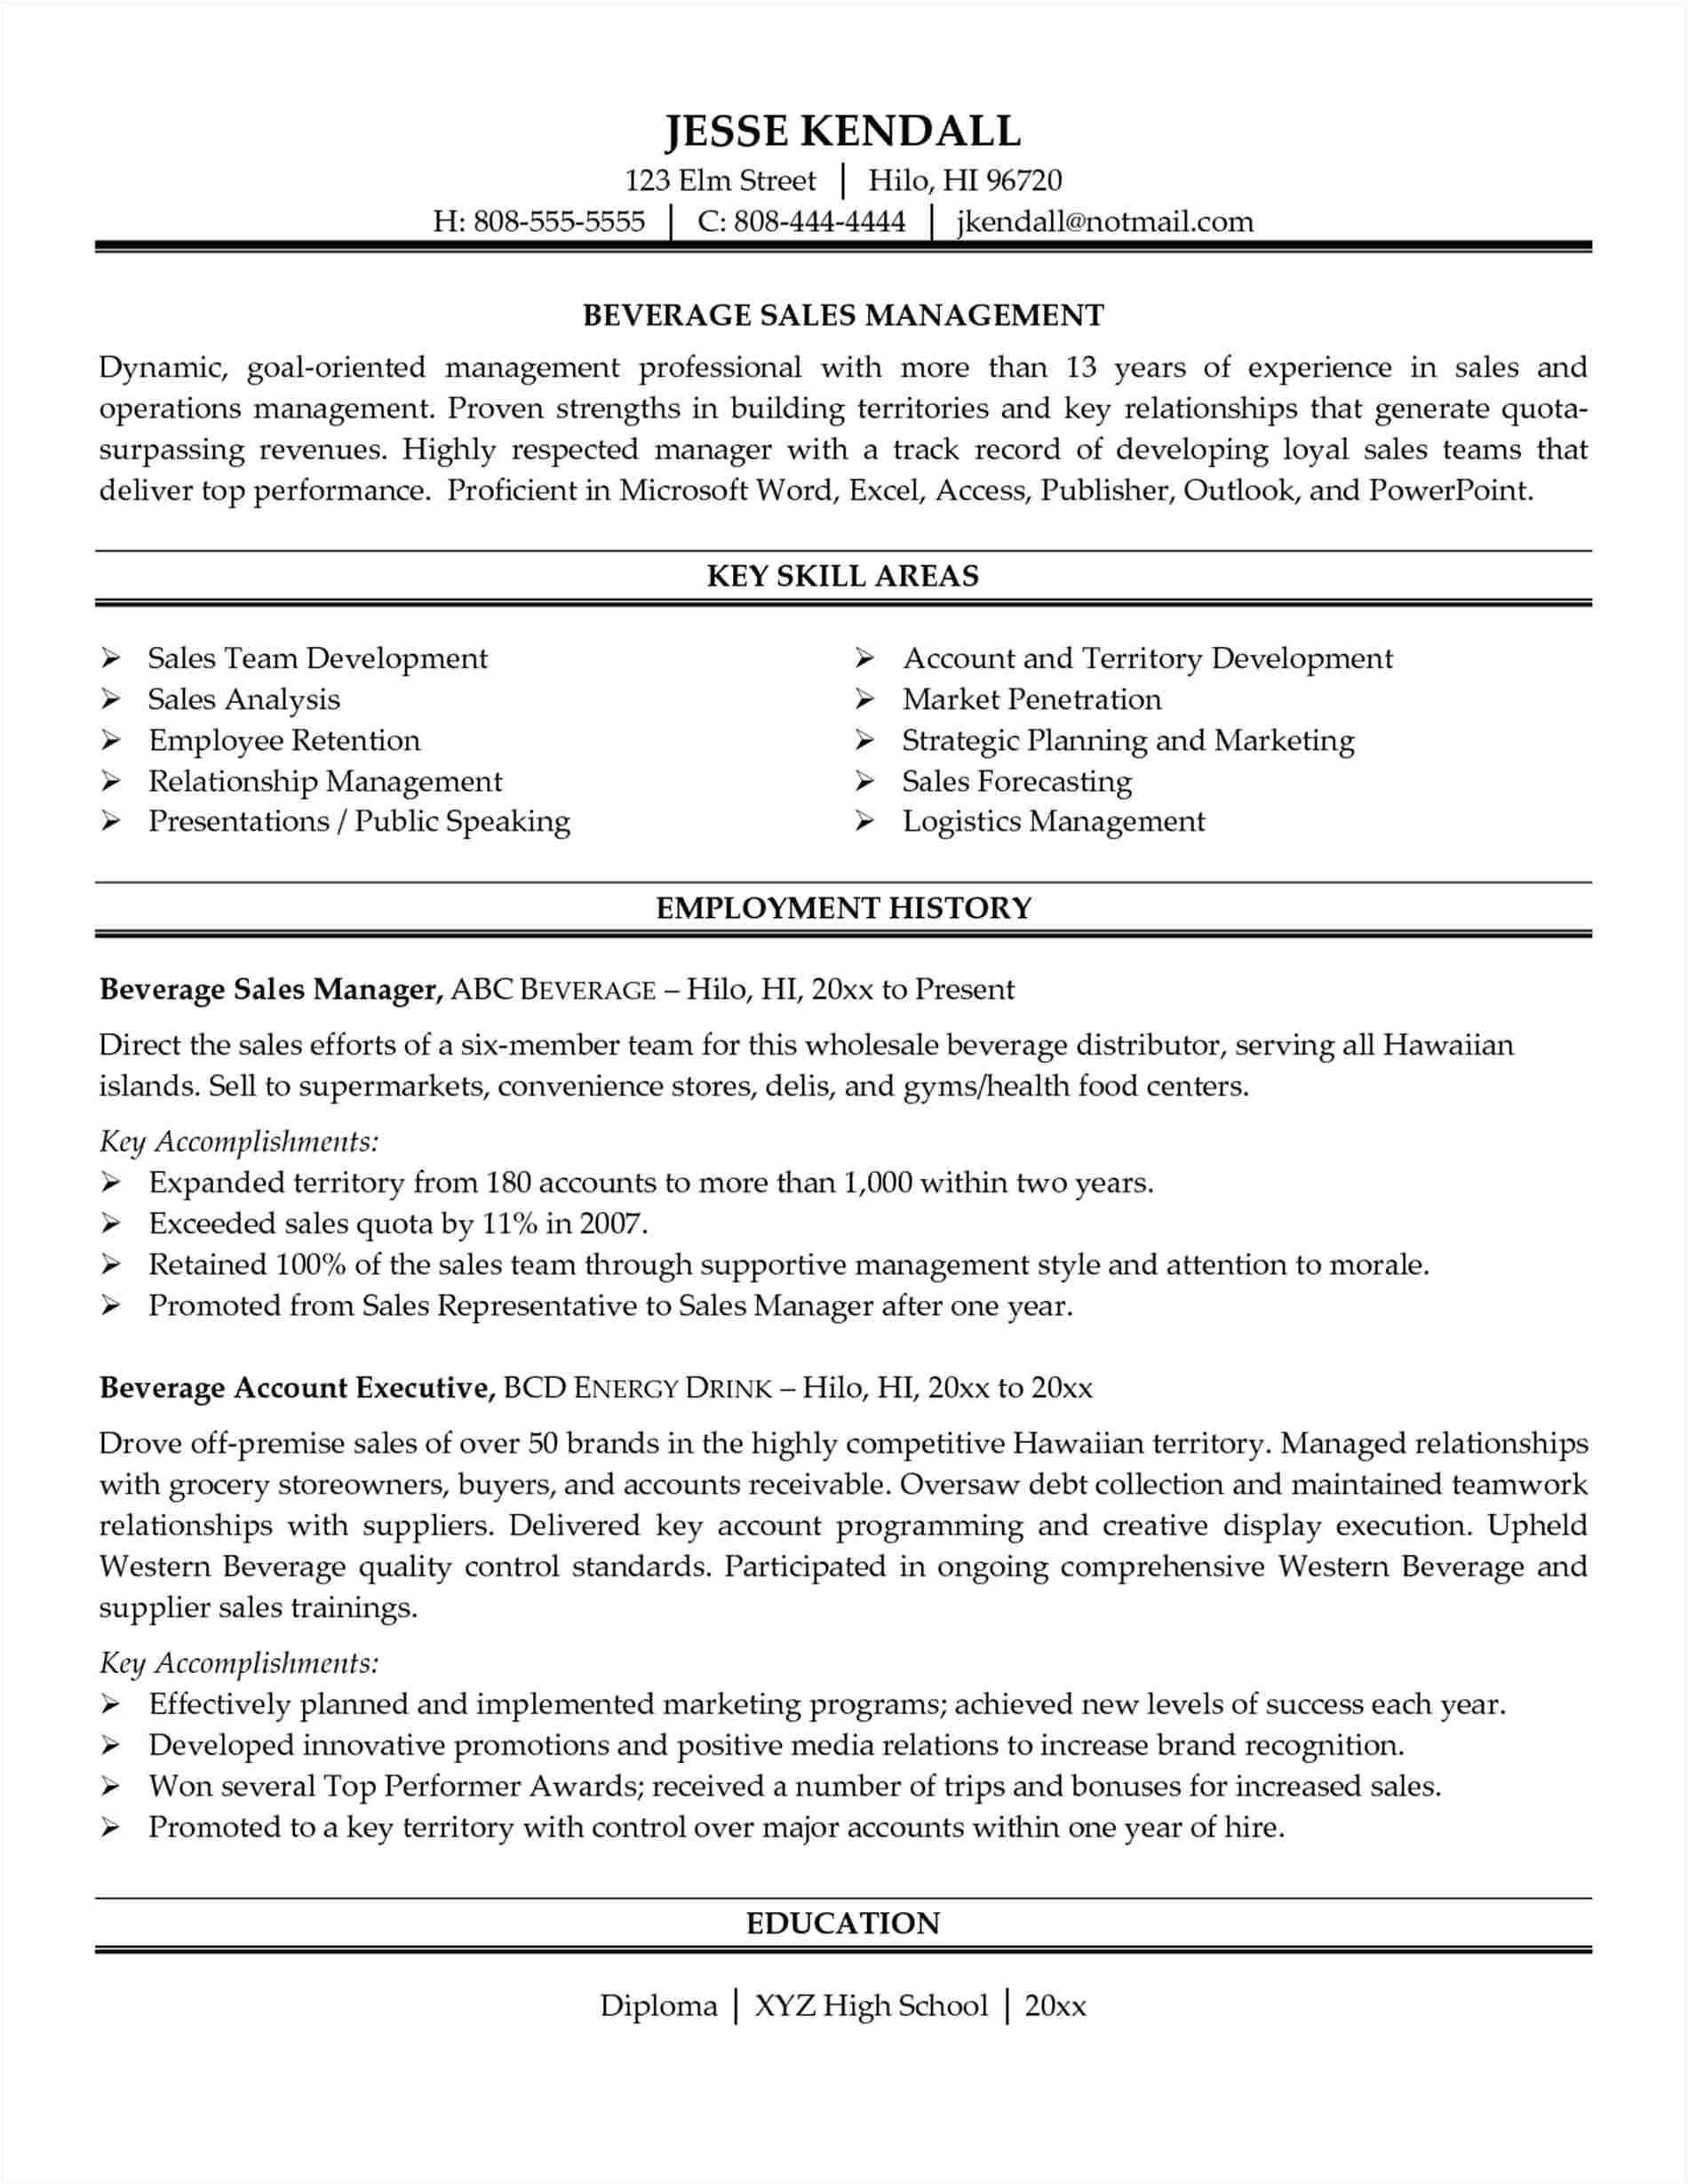 sample resume for wine sales representative